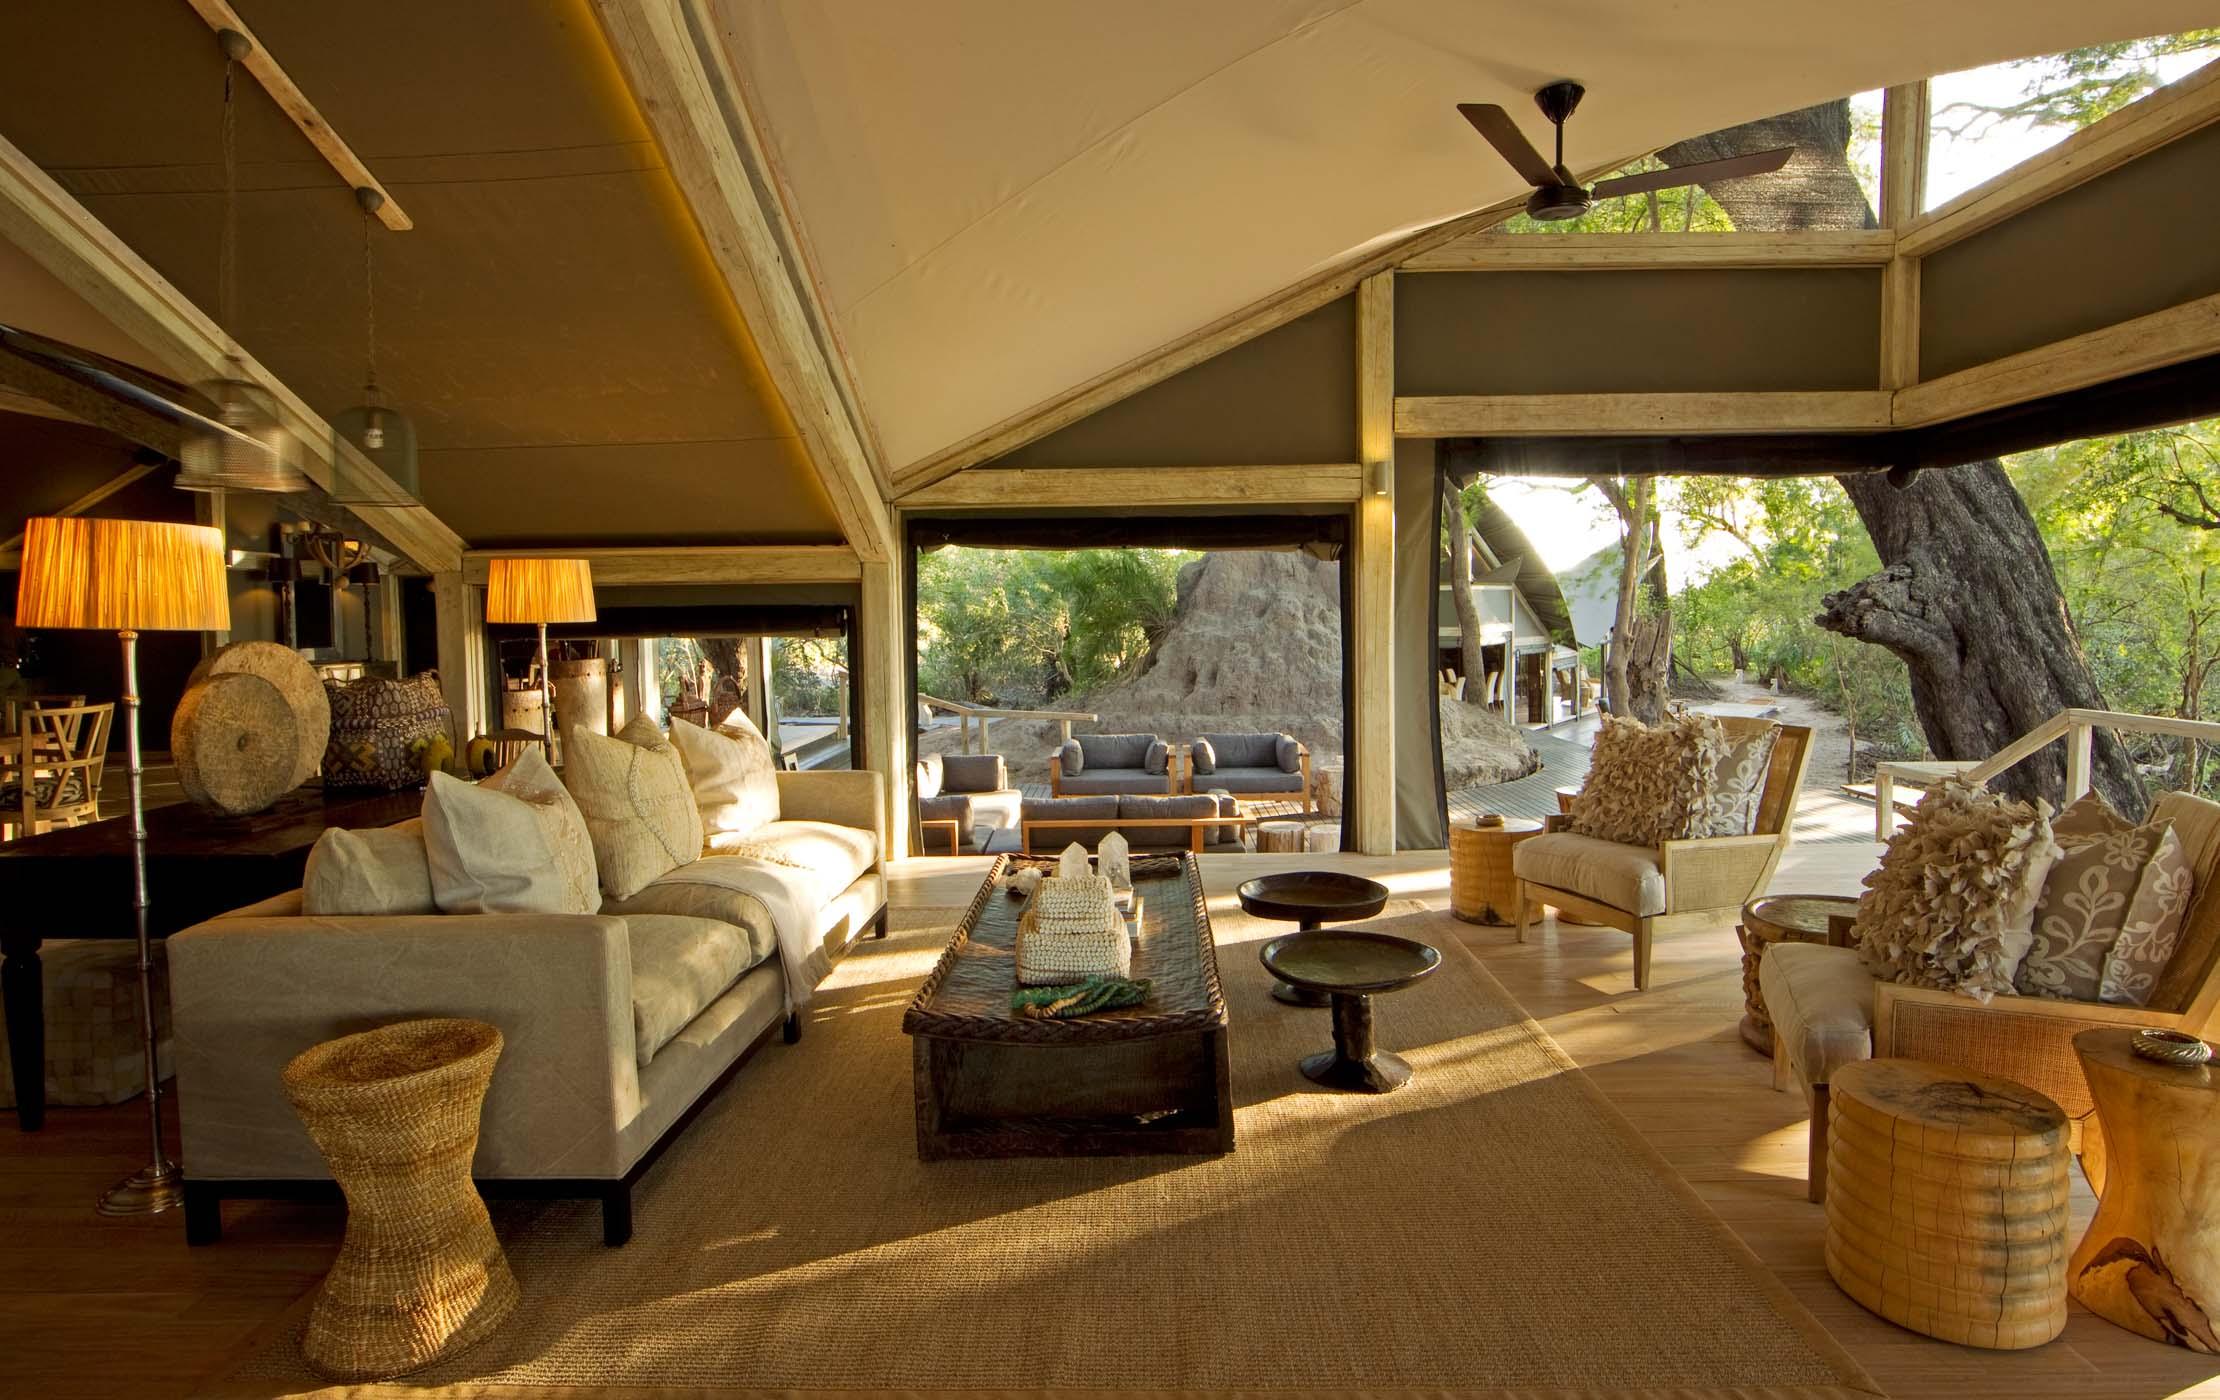 abu camp botswana luxury honeymoon